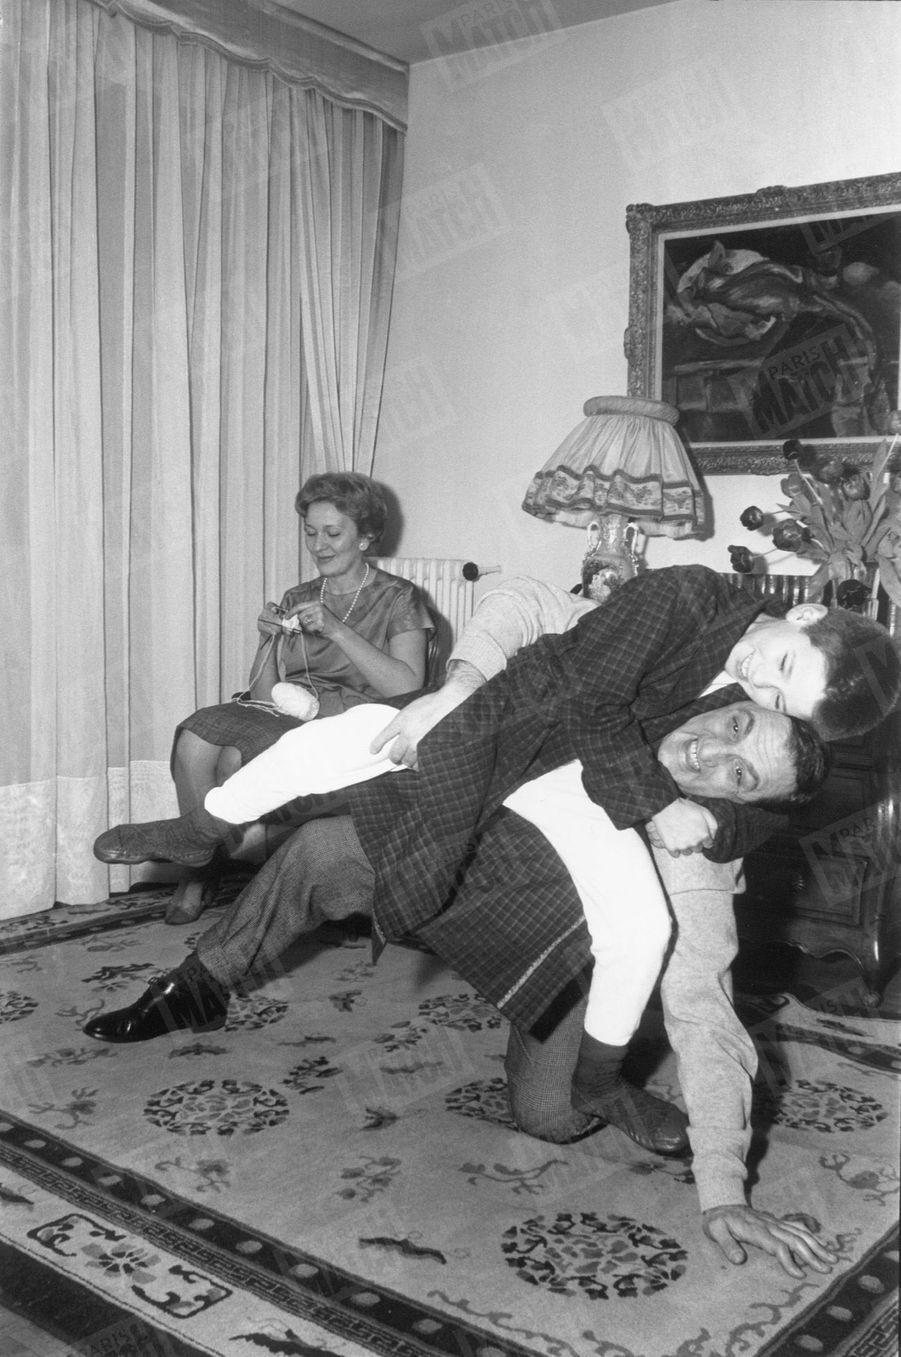 """""""Nouveau dur de l'écran, le gorille sous l'abat-jour"""" - Paris Match n°515, 21 février 1959"""